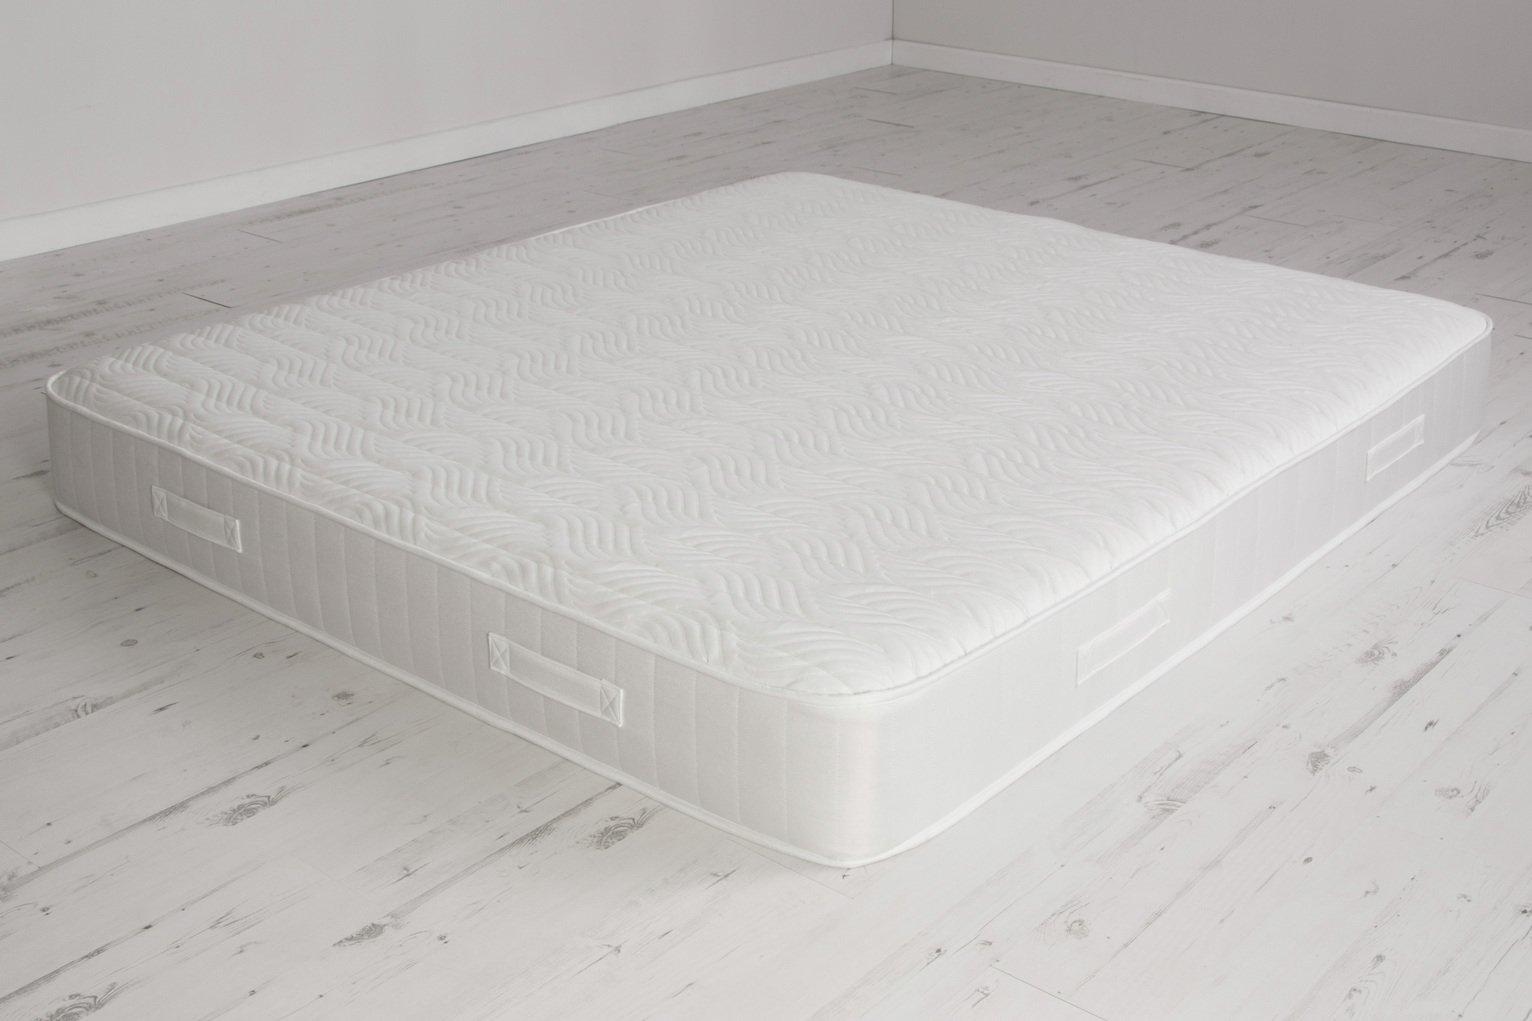 Airpsrung - Astall 1500 Memory Foam - Superking Mattress at Argos